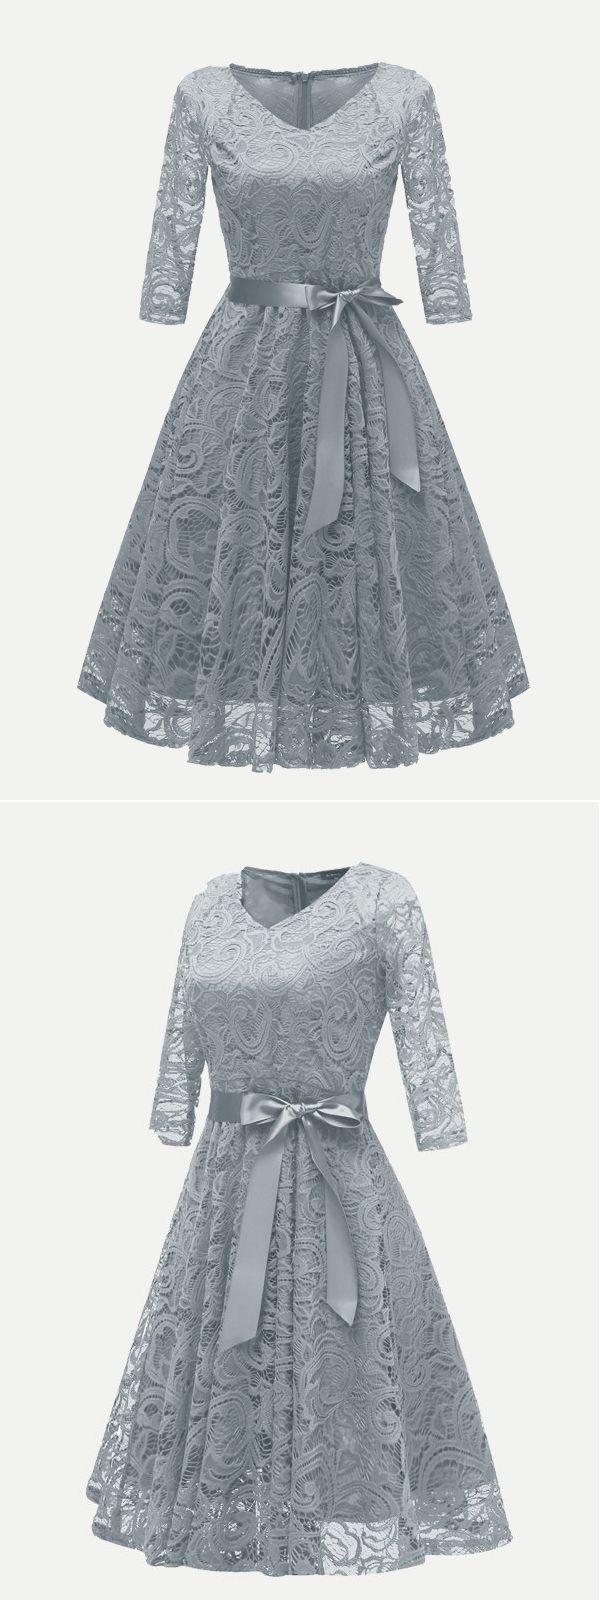 Vinfemass V-Ausschnitt Lace Belted Skater Party Dress